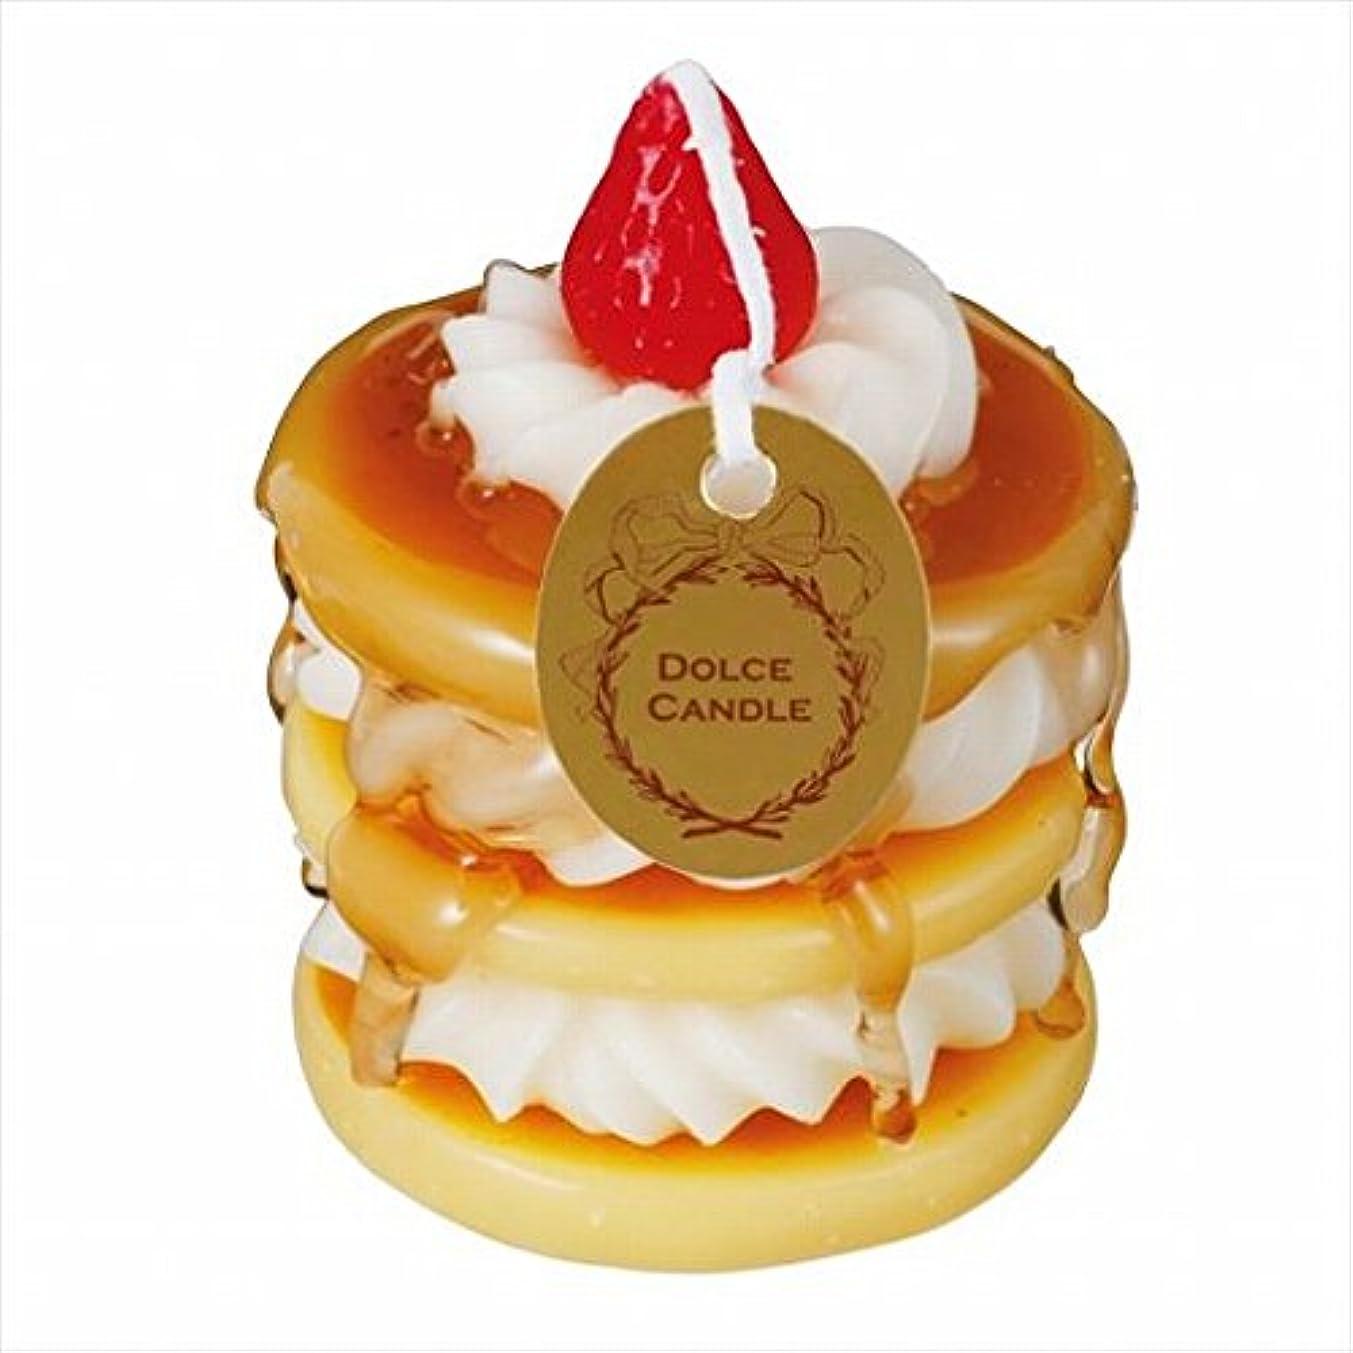 国際爬虫類過剰スイーツキャンドル( sweets candle ) ドルチェキャンドル 「 パンケーキ 」